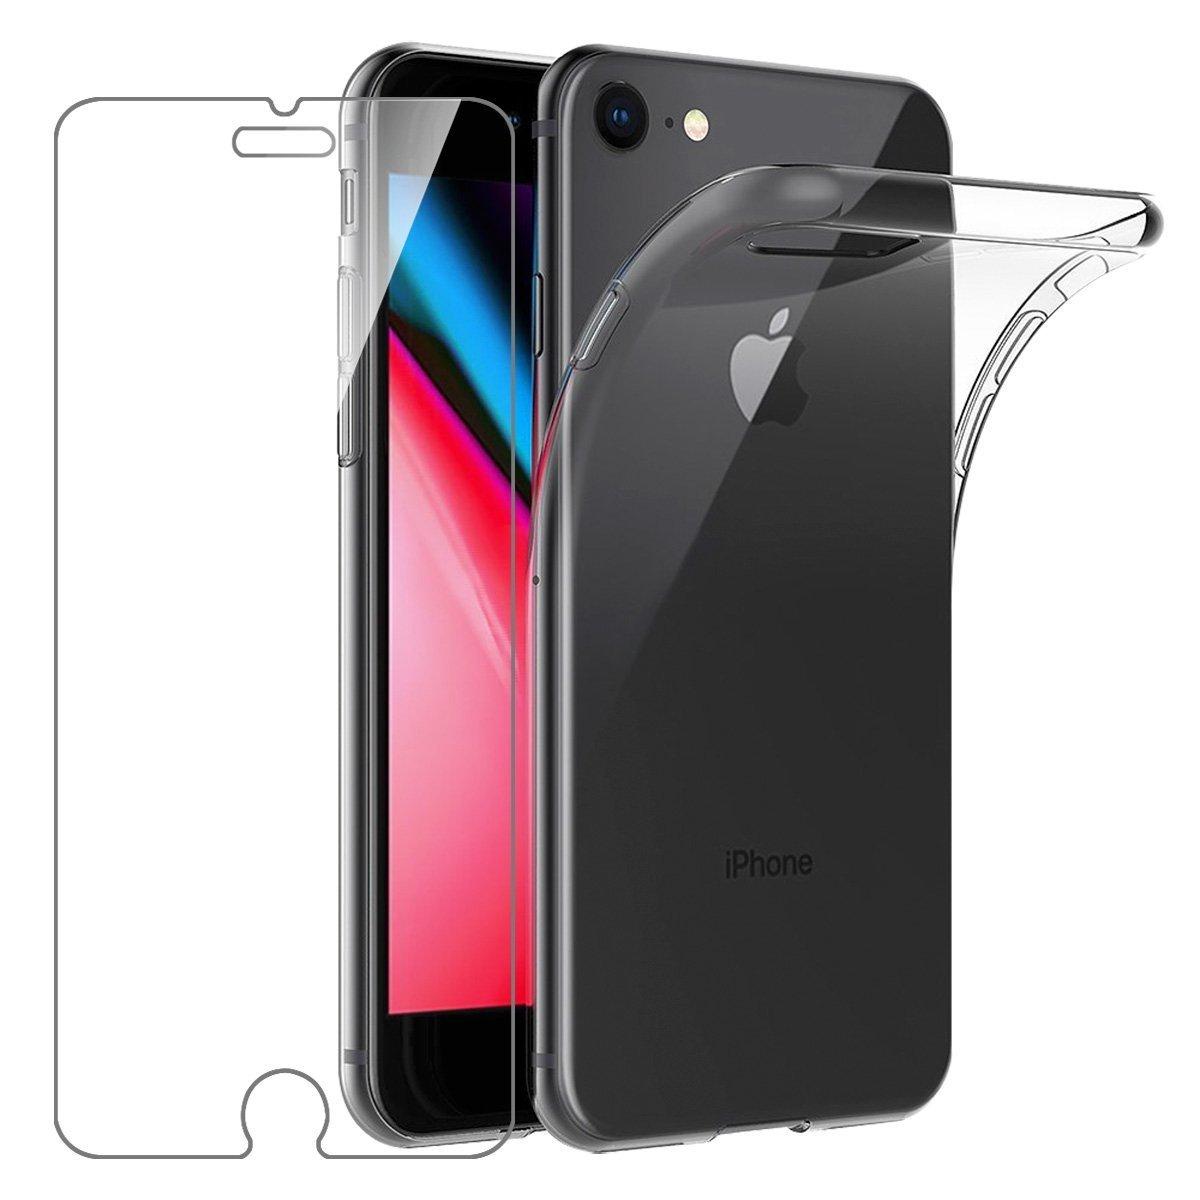 Coque Silicone transparente + Verre Trempe  pour iPhone 7 / iPhone 8 / SE 2020 Little Boutik®